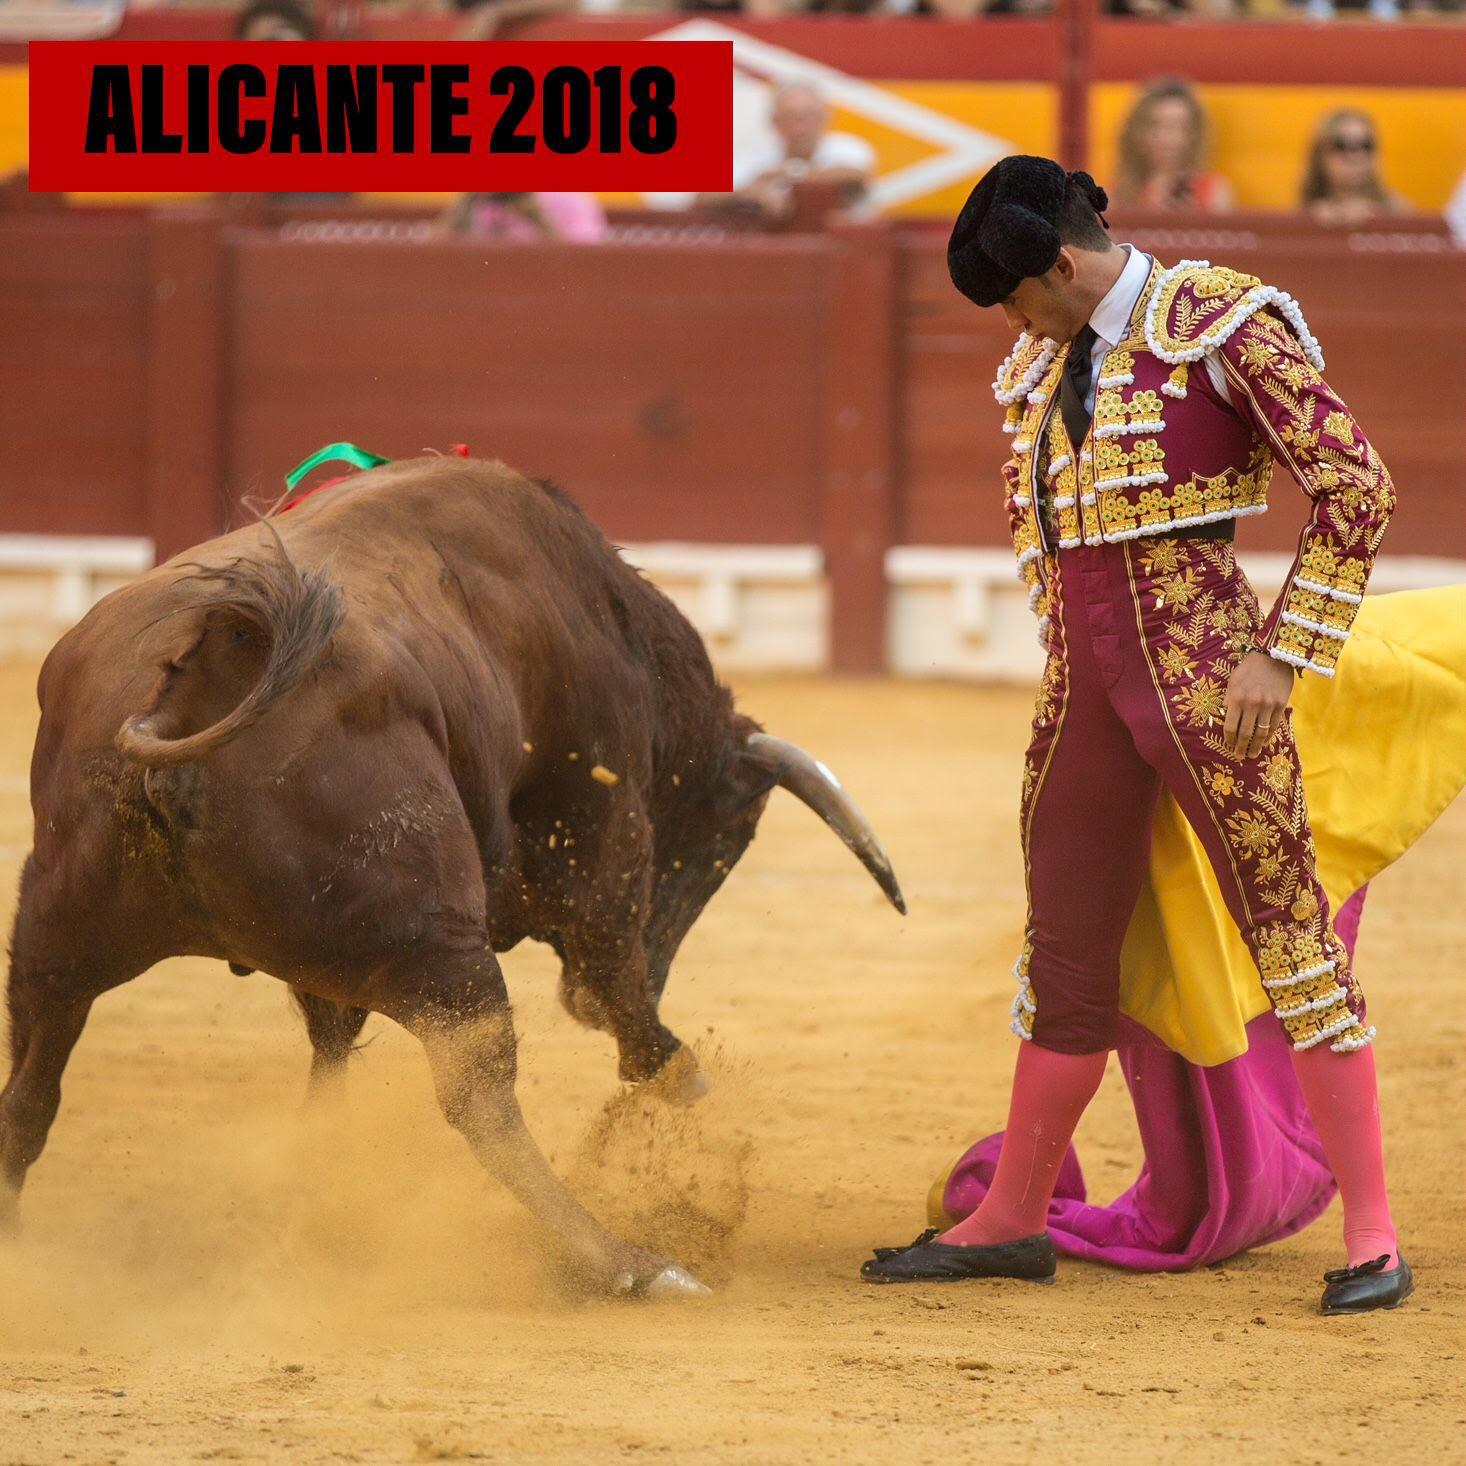 Alicante 2018